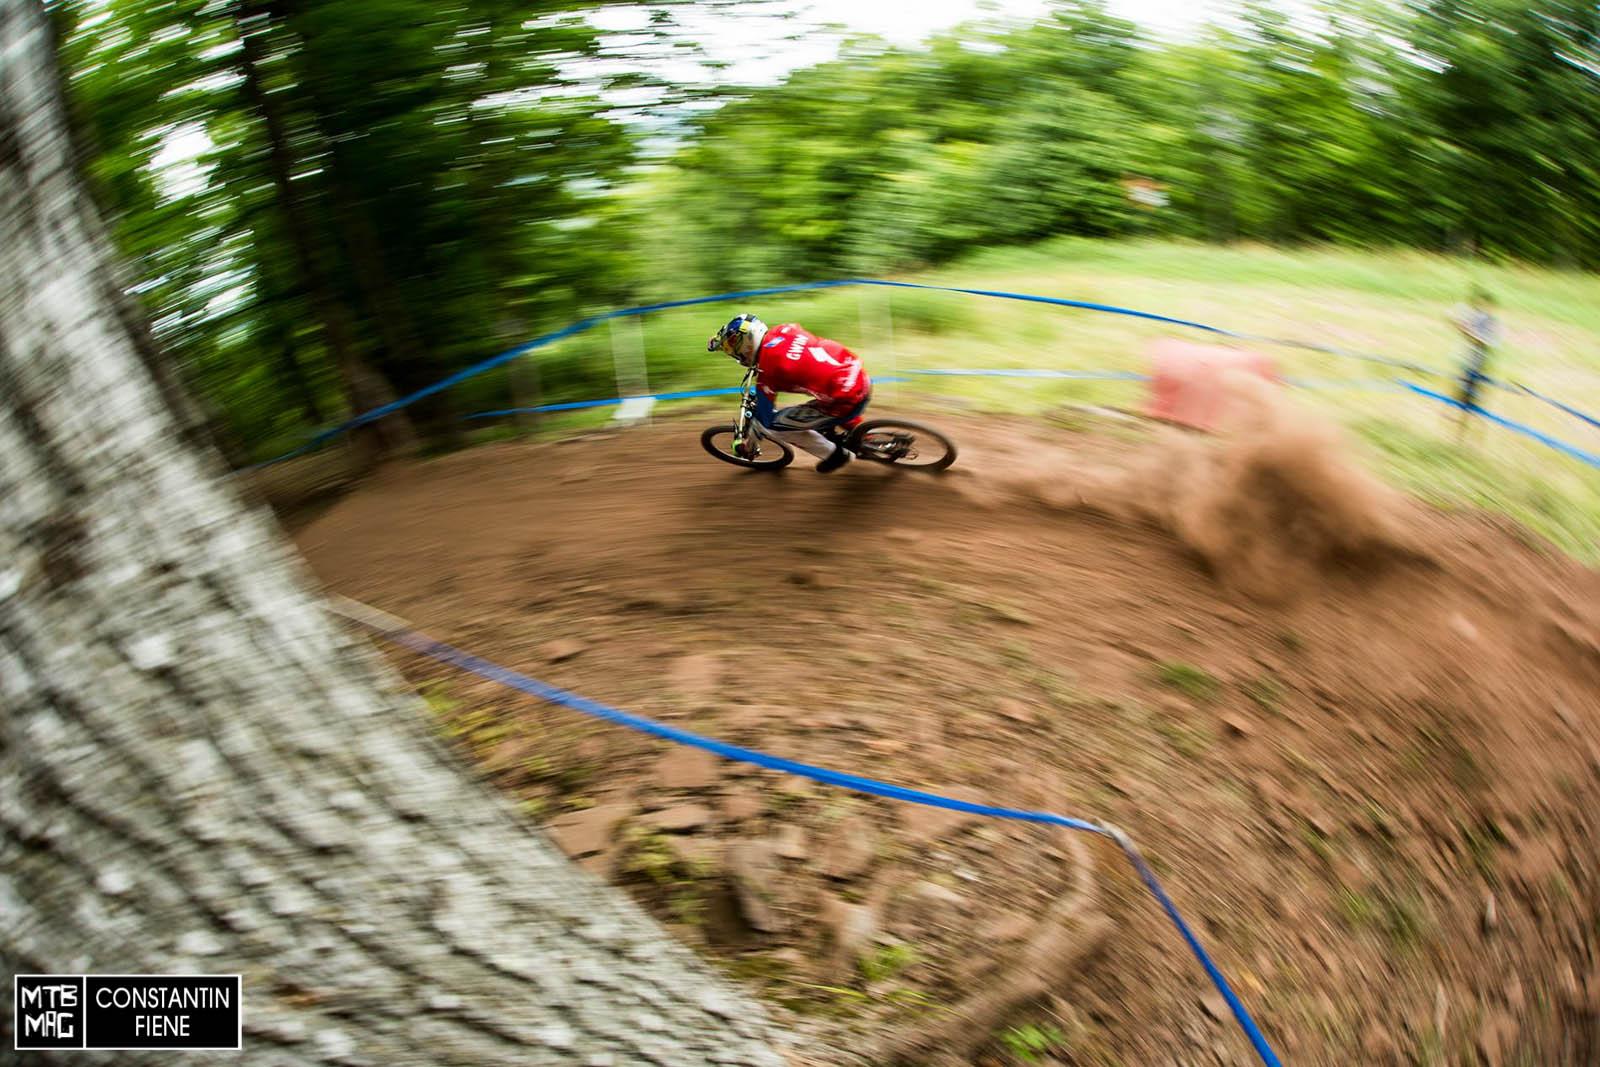 Lokalmatador, Patriot und Mountainbiker aus Leidenschaft Aaron Gwin zählt als einer der Favoriten für Samstag.